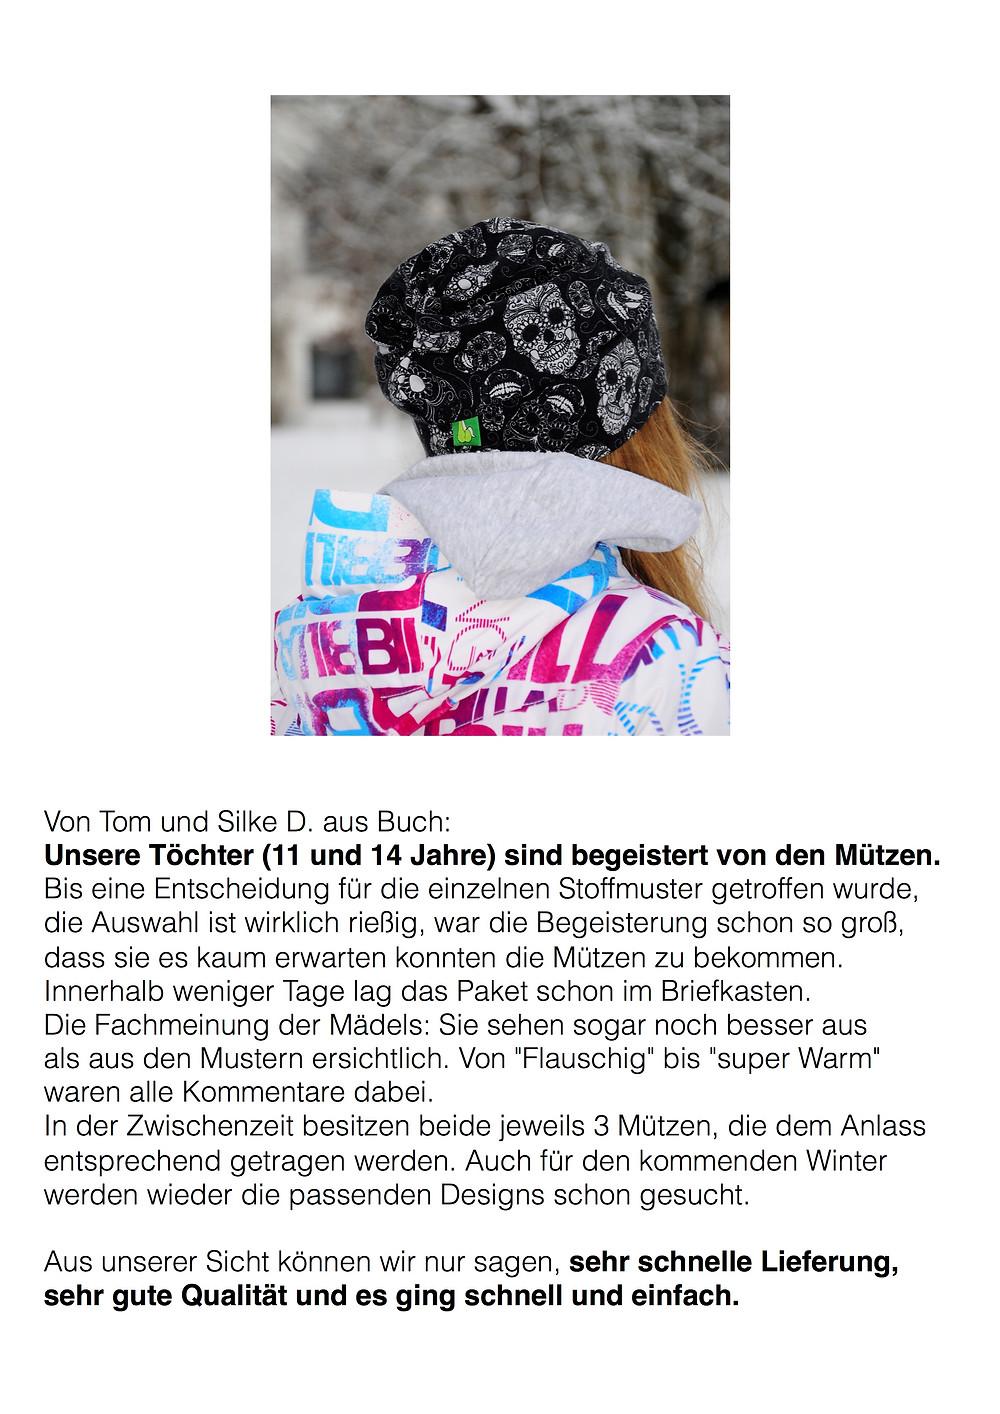 Feedback zu unseren Mützen von einer Familie aus Buch. Sixx-Zagg-Mützen von prettybanana.com. Deine individuelle Mütze aus München.